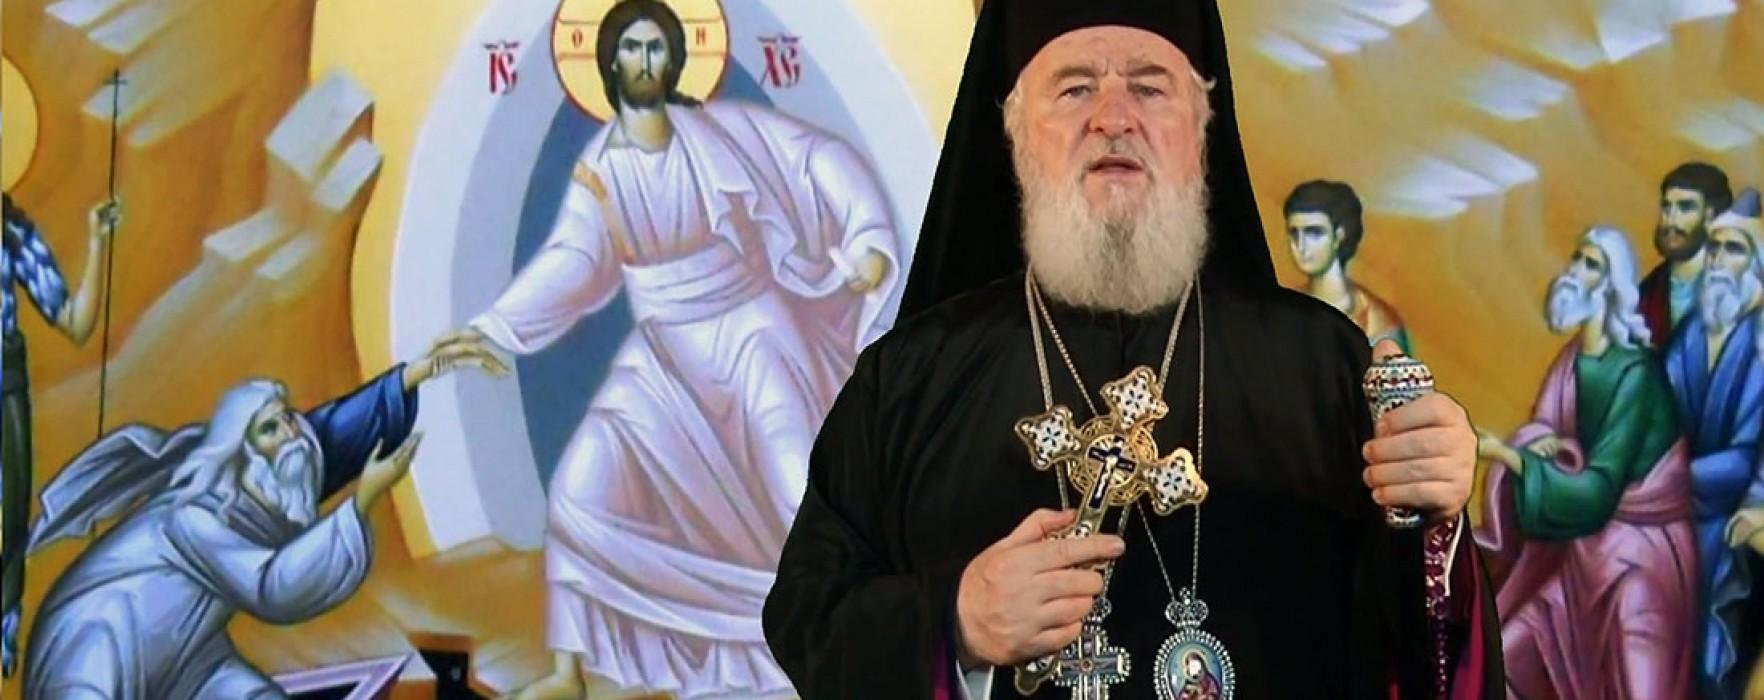 Arhiepiscopul Târgoviştei, după moartea fetei de la Gura Şuţii: Autorităţile trebuie să depună eforturi pentru a asigura un climat de siguranţă